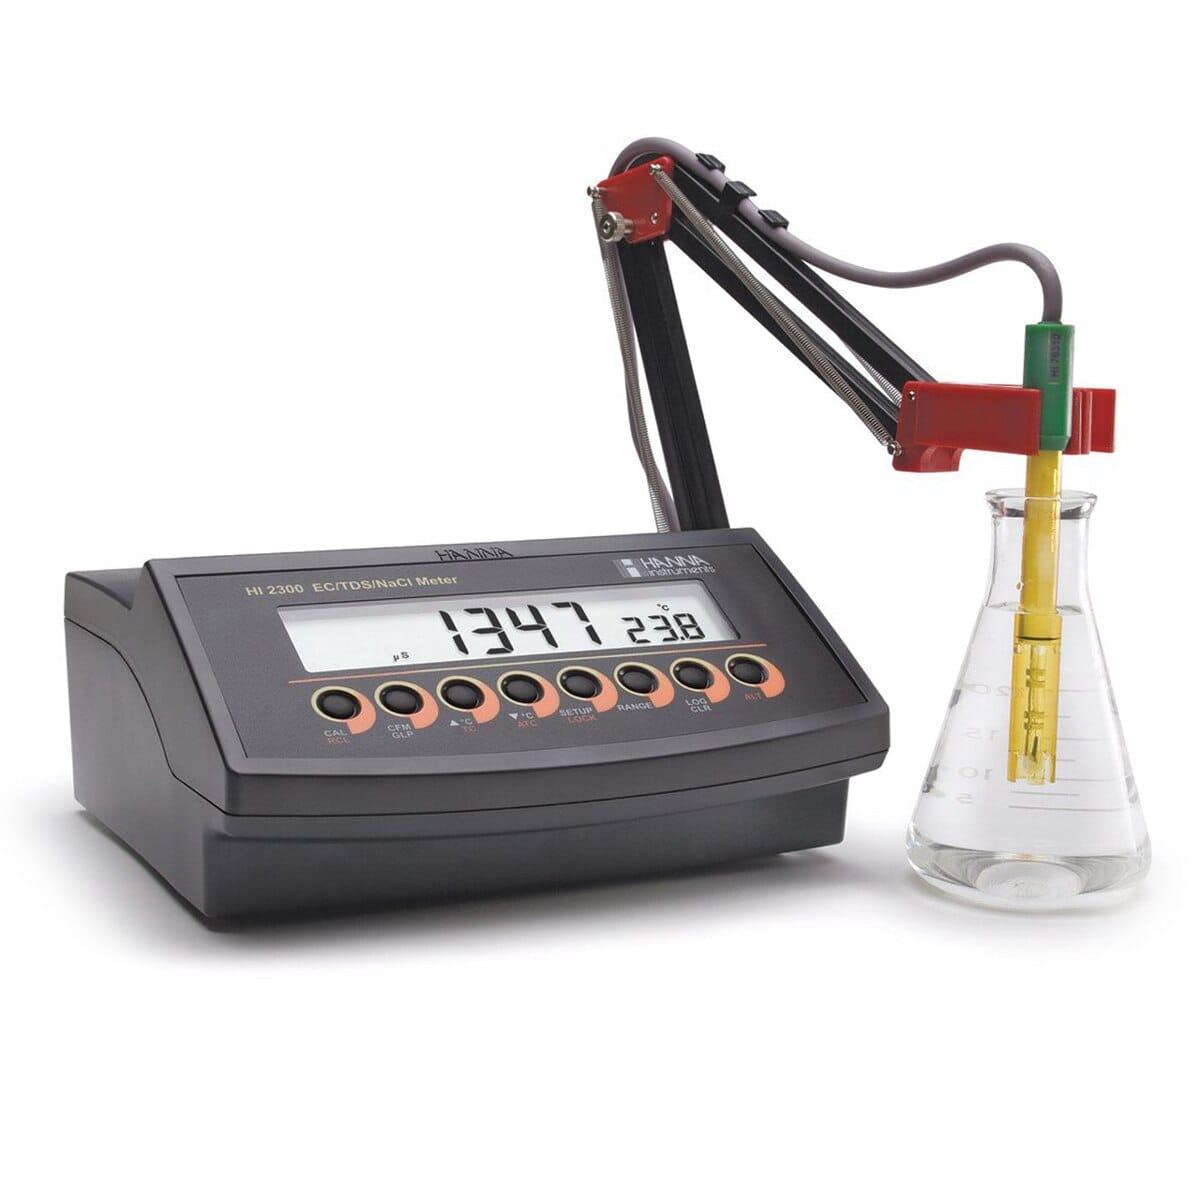 مشخصات، قیمت و خرید کنداکتیویتی متر رومیزی HI2300 هانا